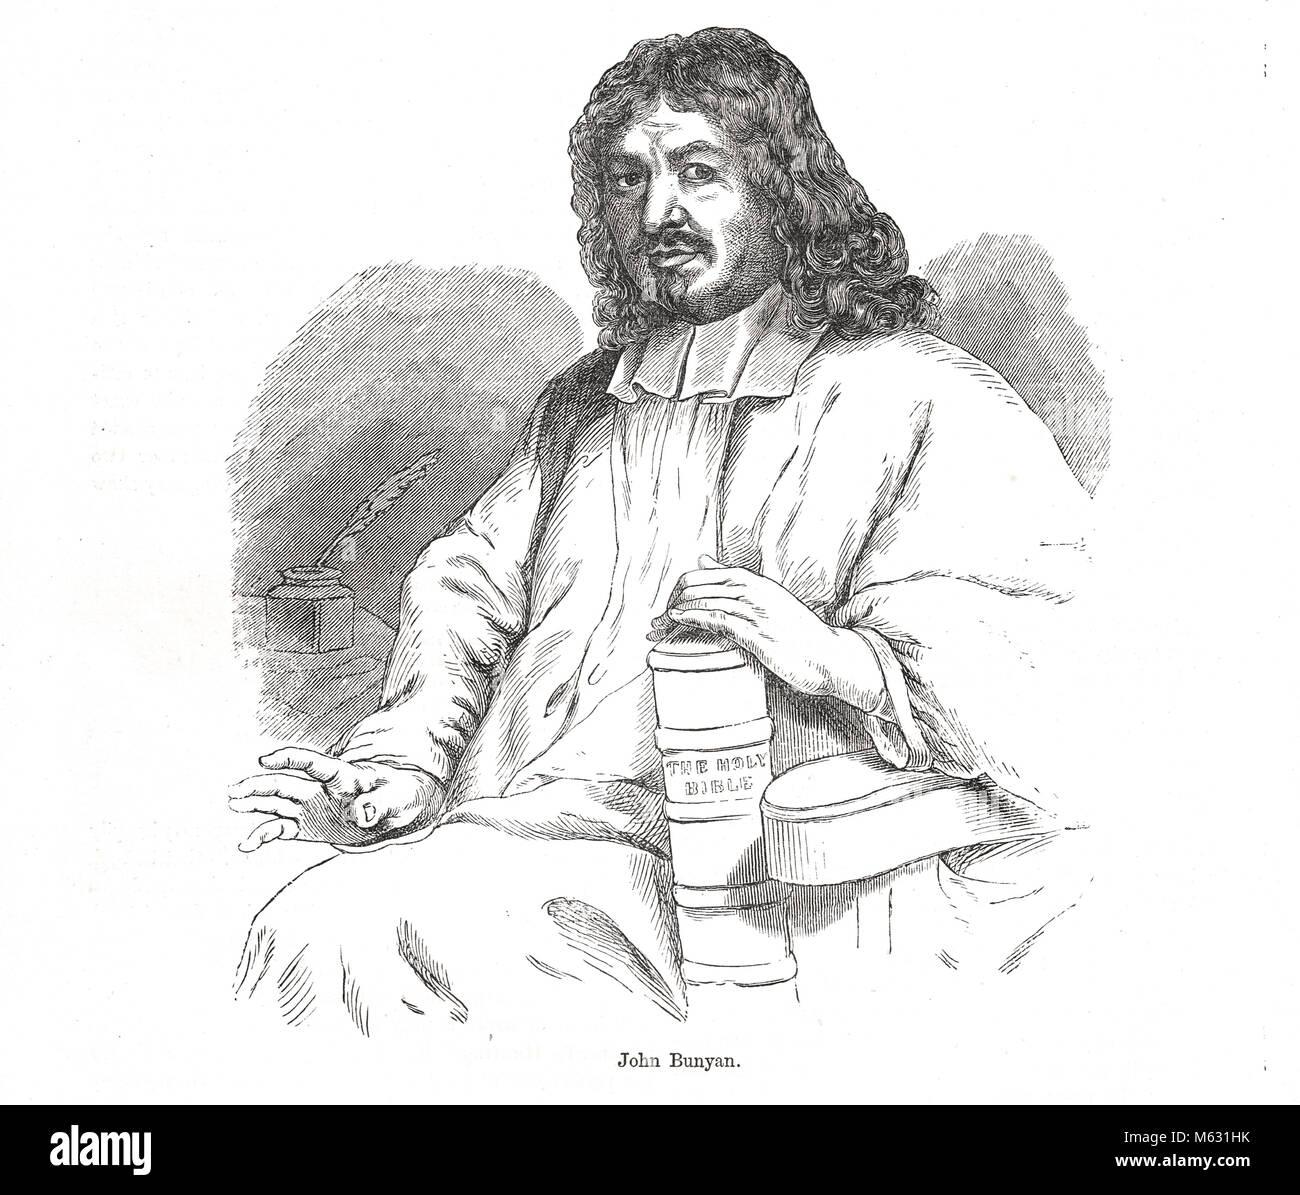 John Bunyan, englischer Schriftsteller, puritanische Prediger und Autor der Fortschritte des Pilgers Stockbild